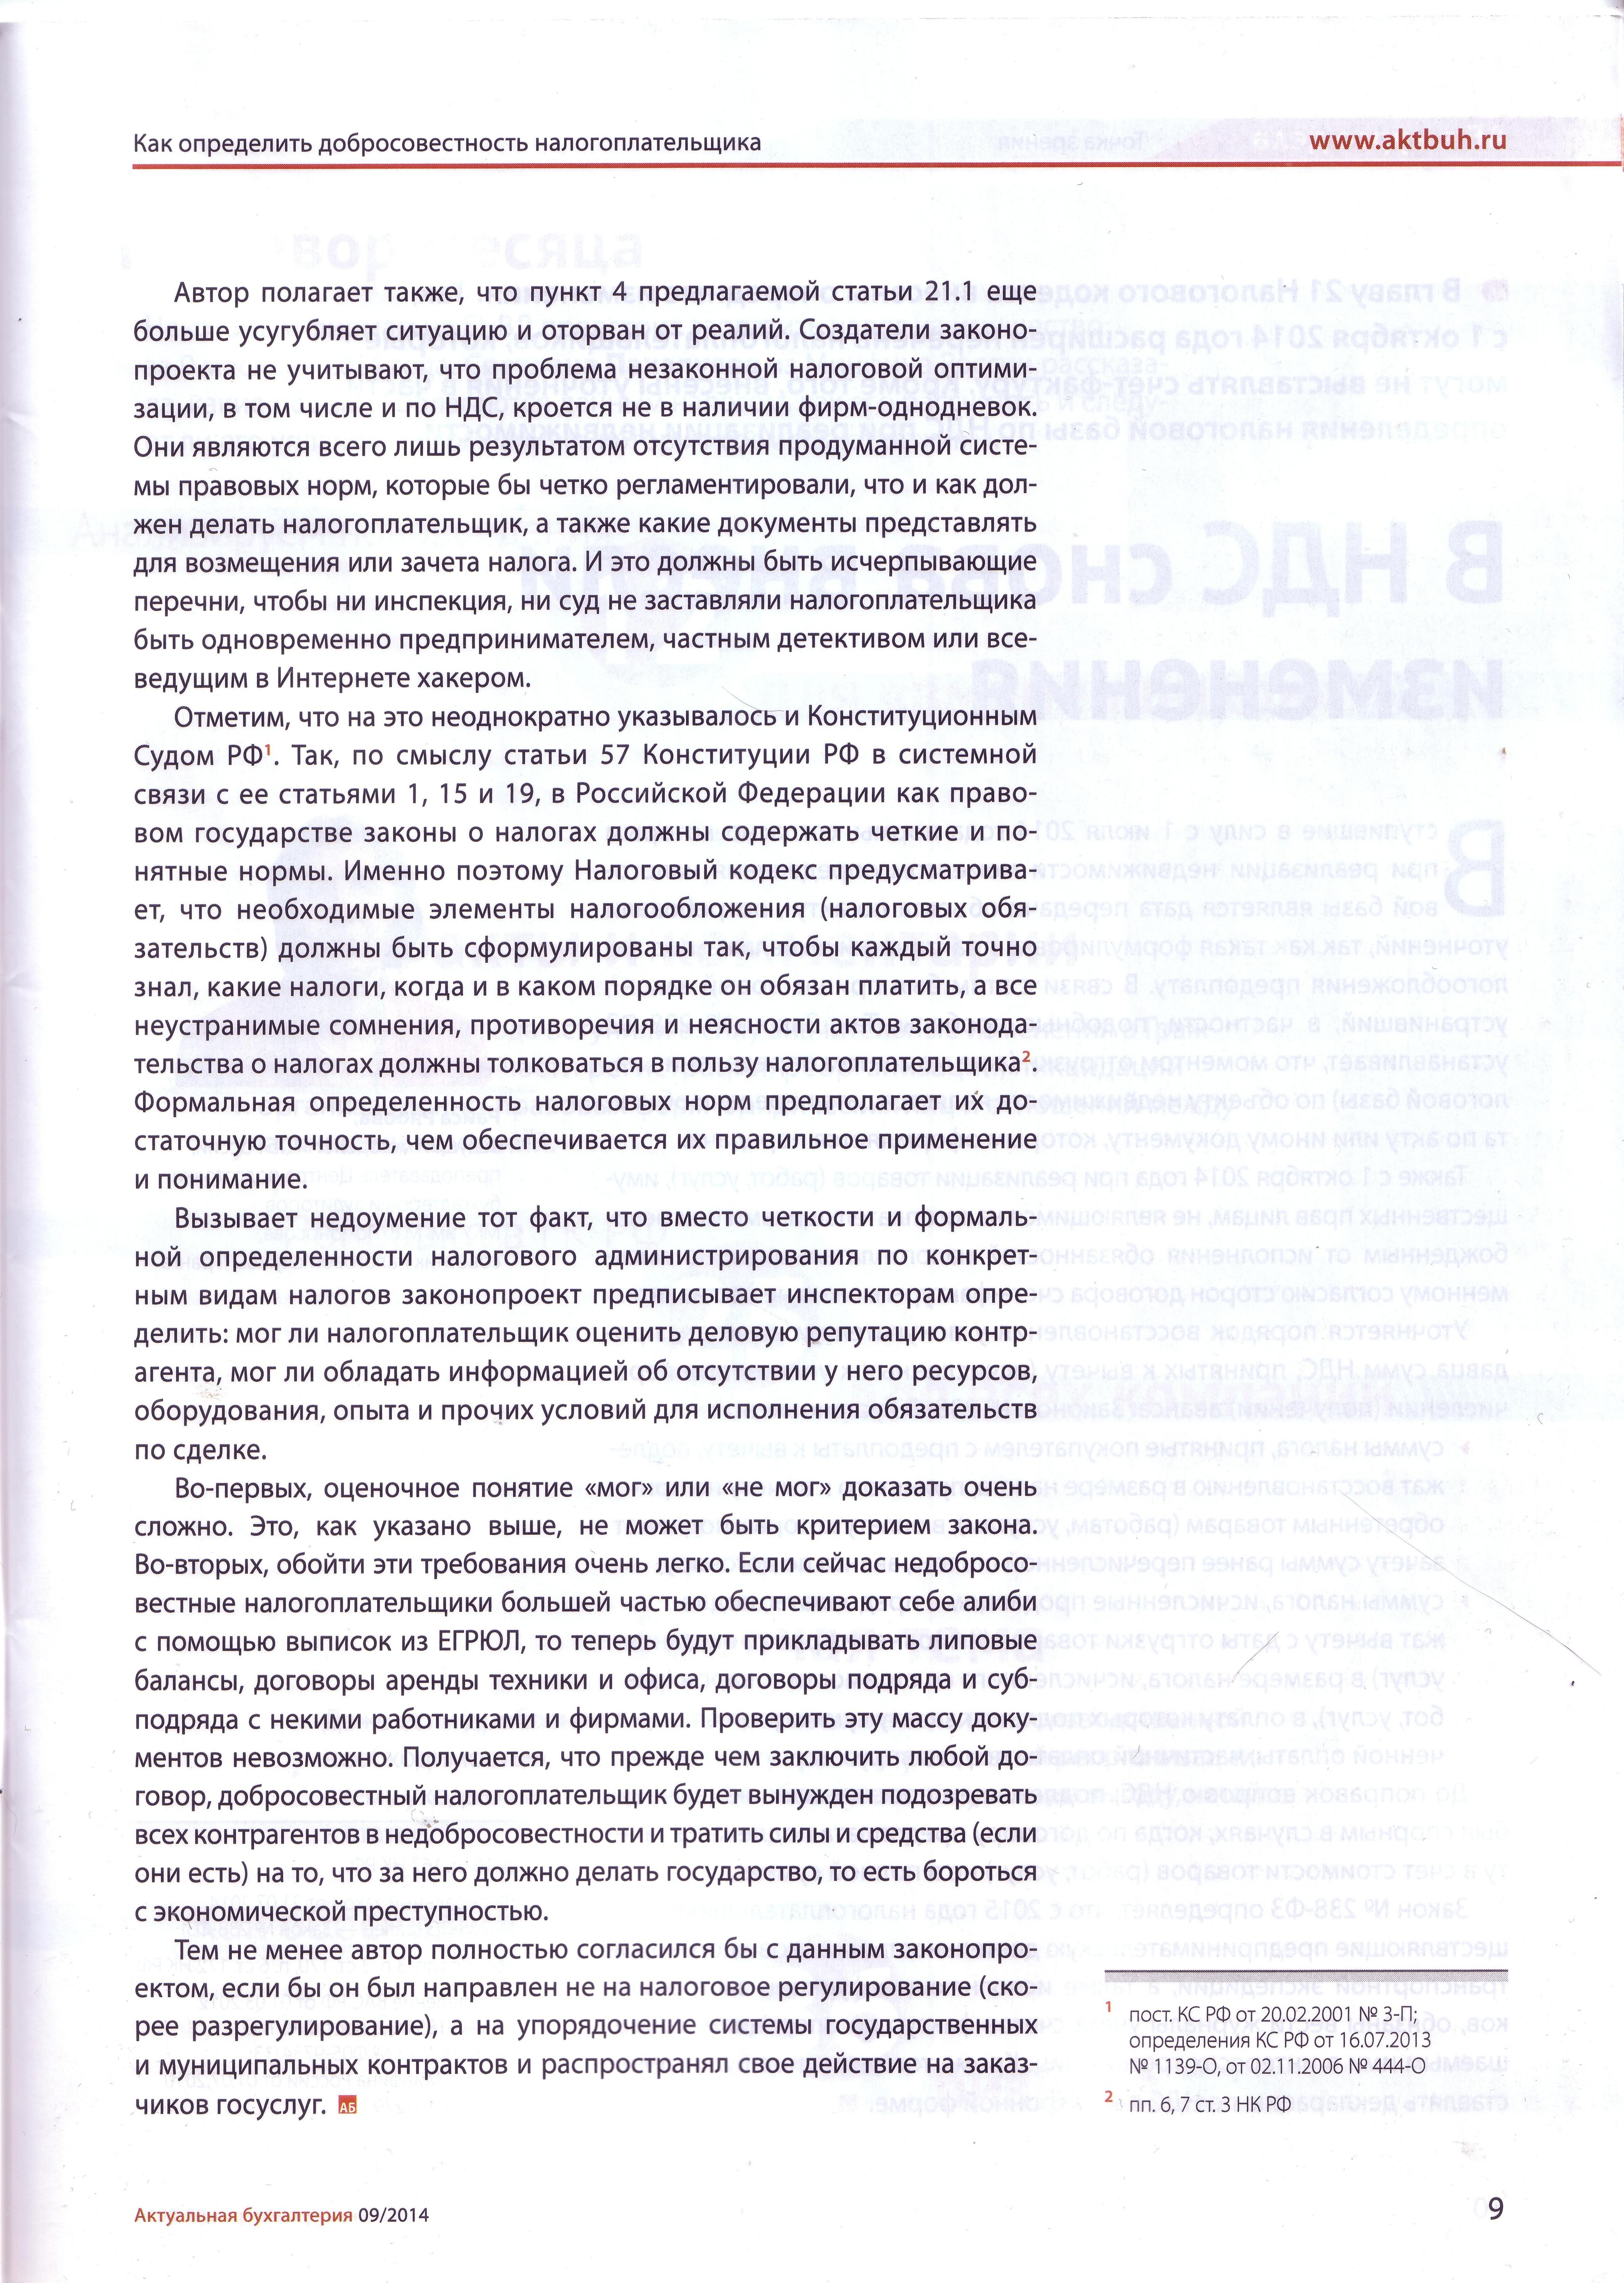 2014-9-4.jpg